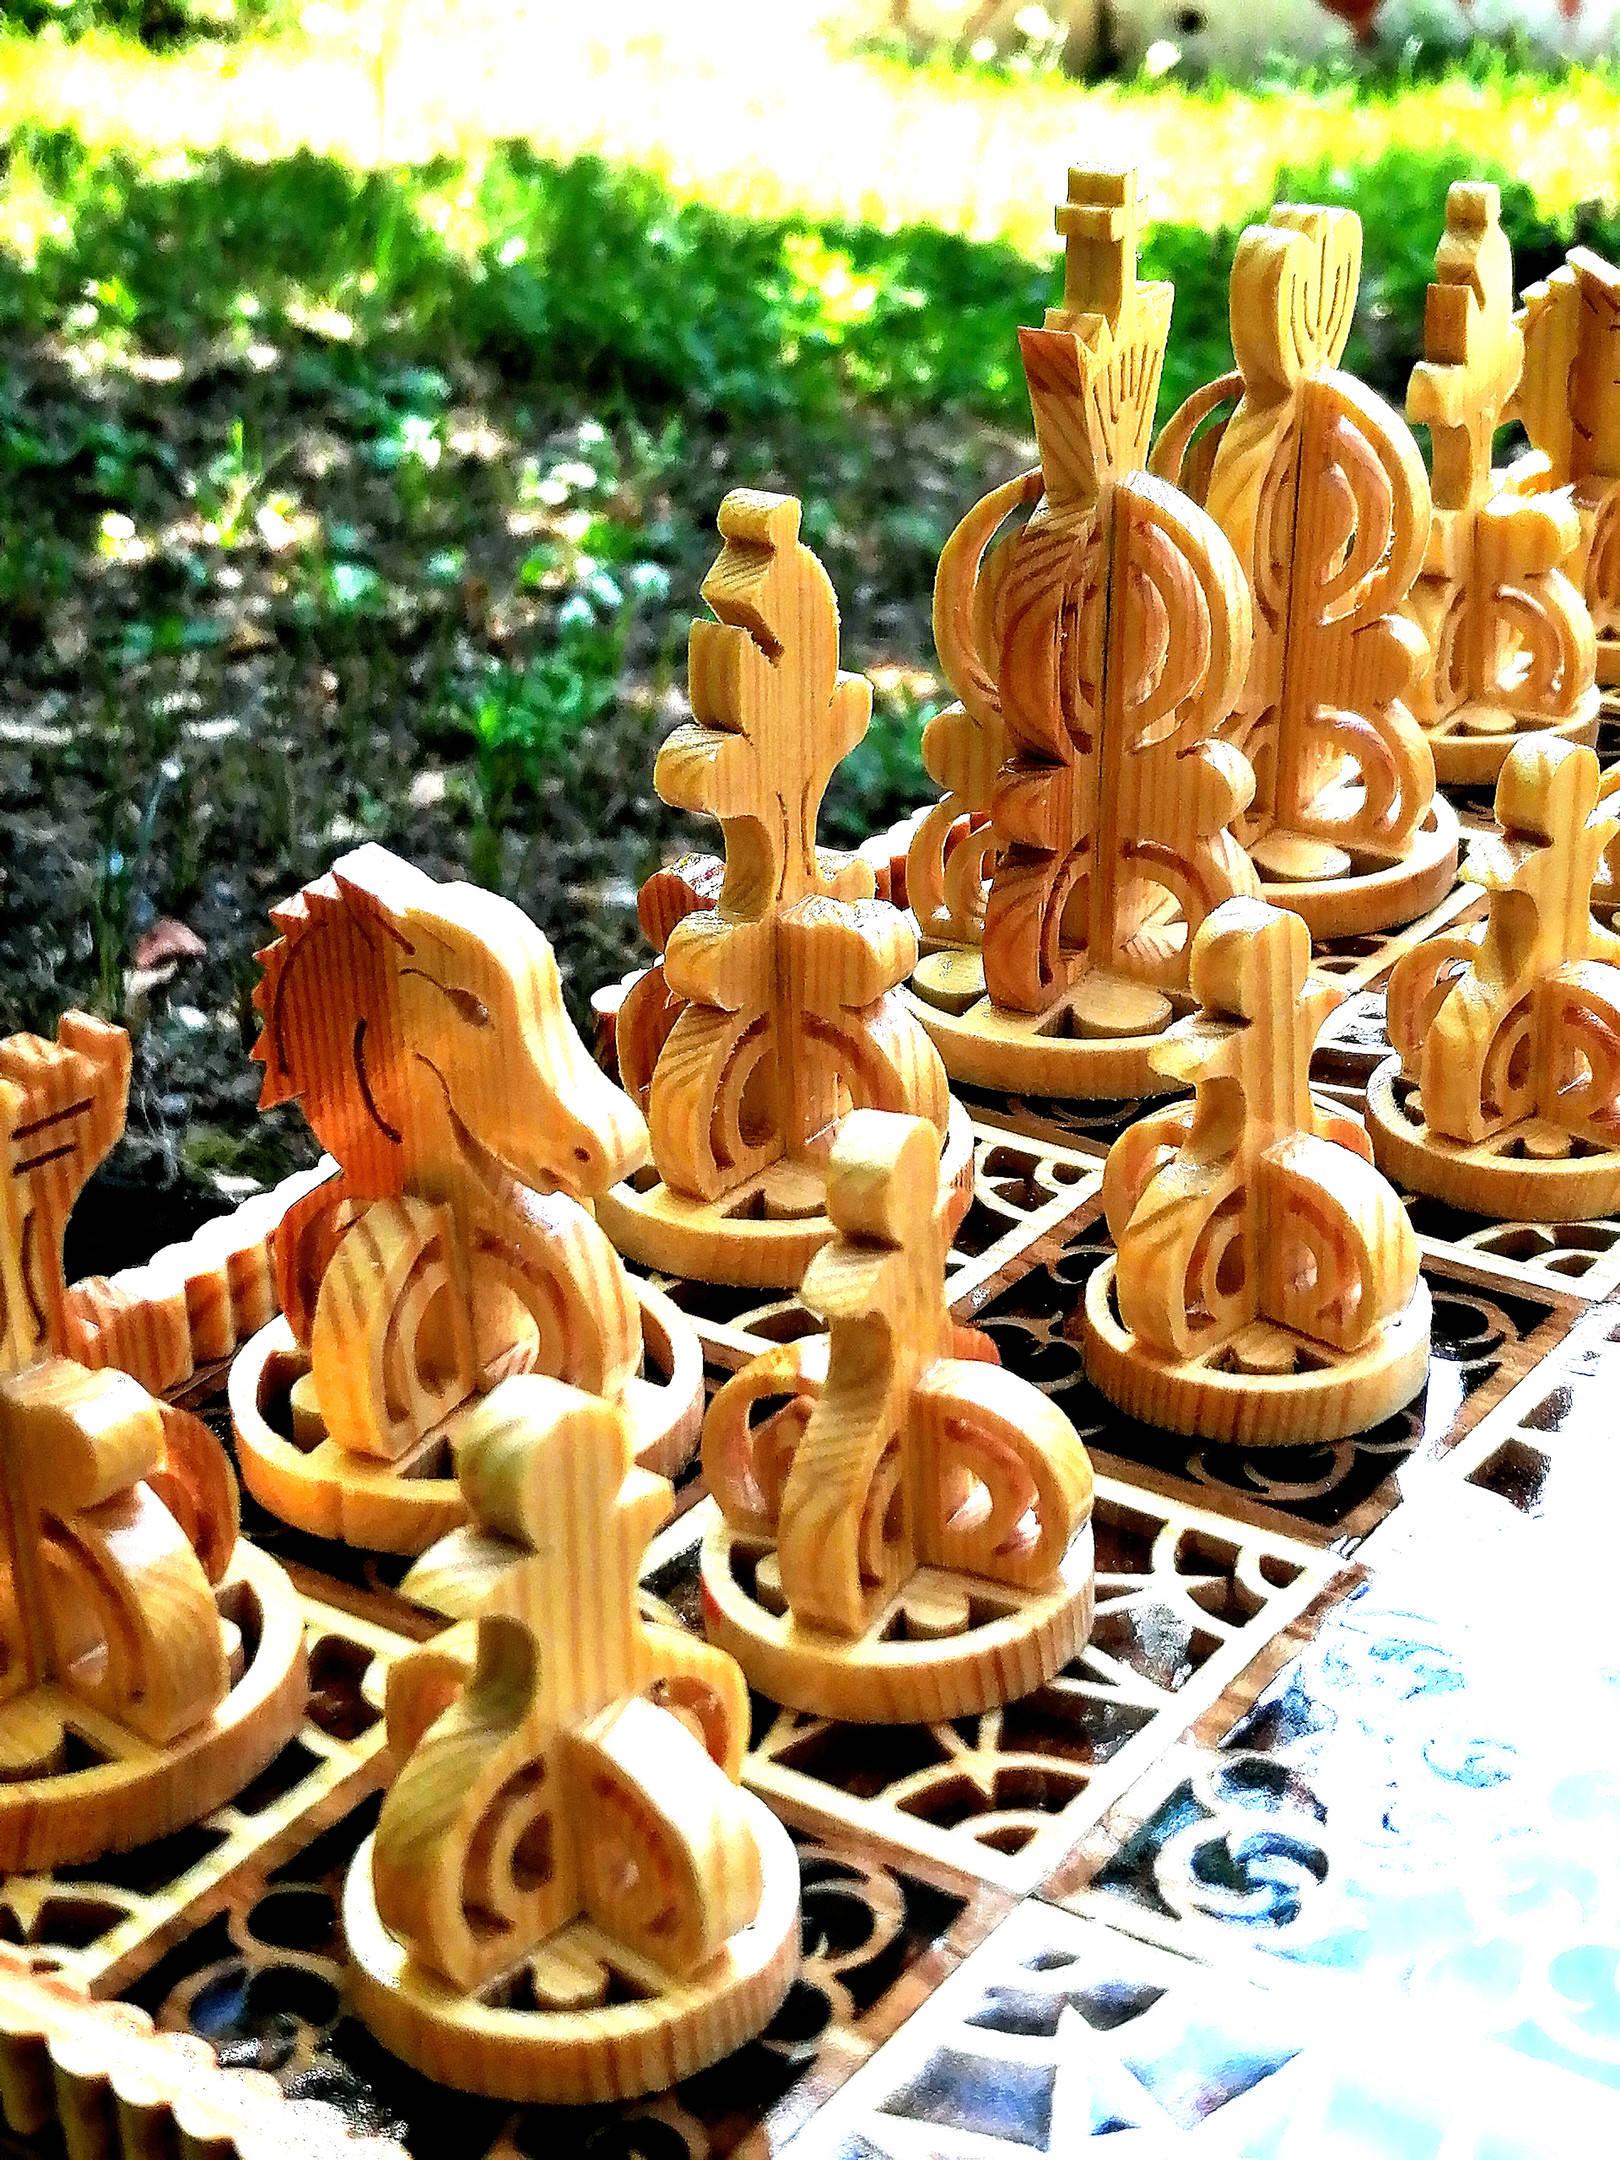 Шахматы. Материал яблоня, сосна, ювелирная эпоксидная смола, лак. Ручная работа